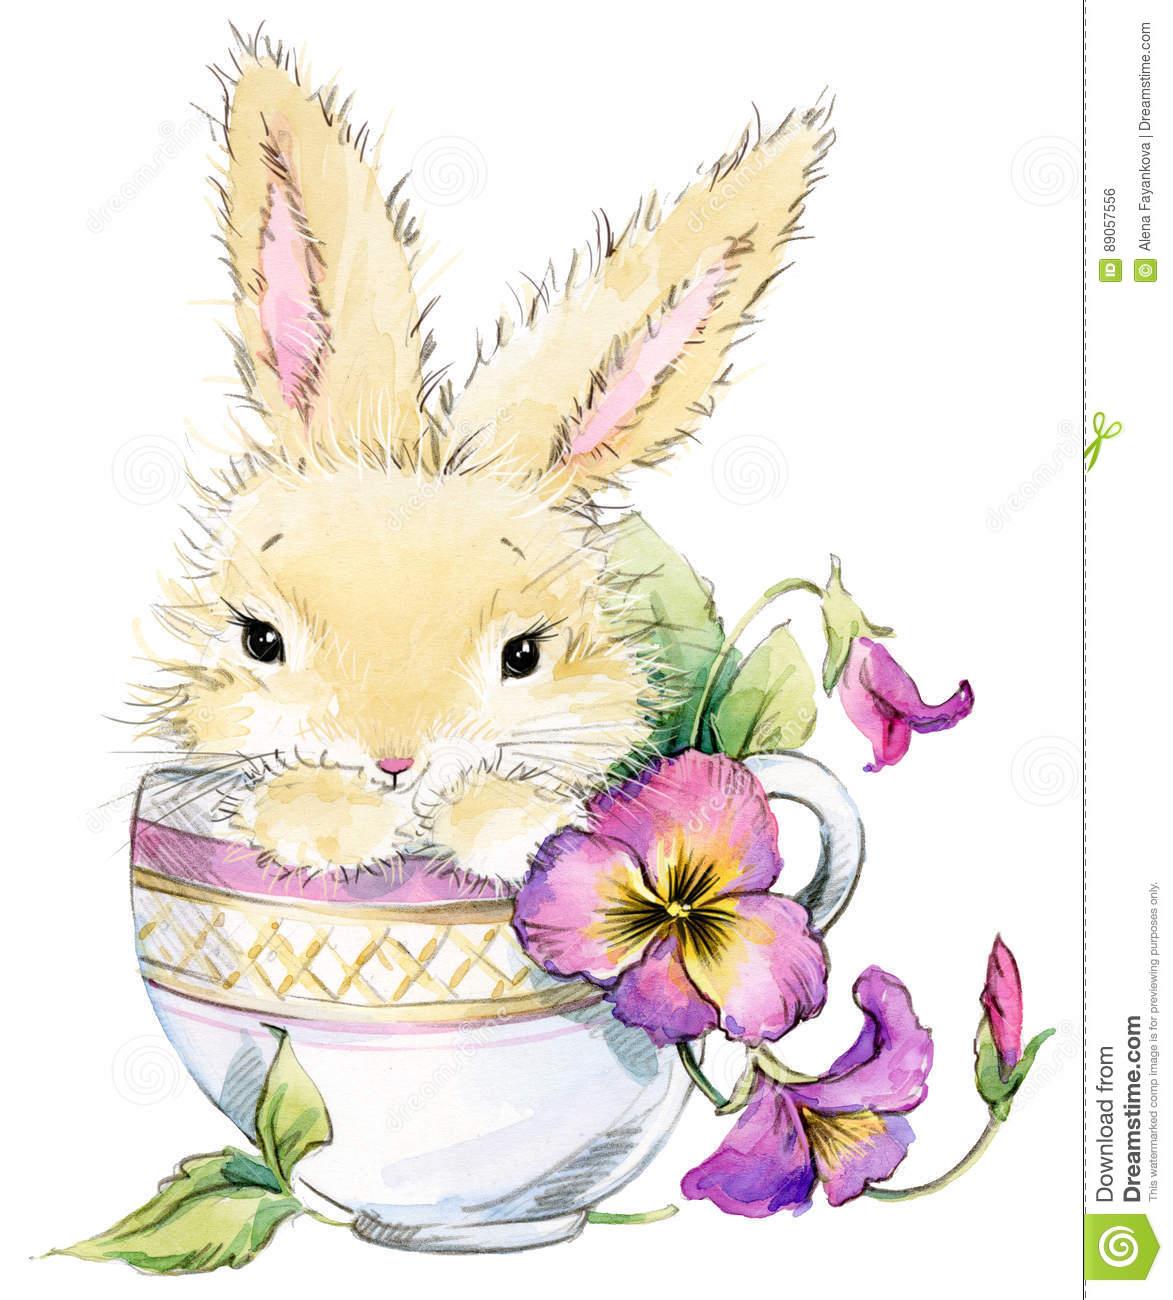 Lustige Kaninchen- Und Blumenaquarellillustration Stock verwandt mit Lustige Hasen Bilder Kostenlos